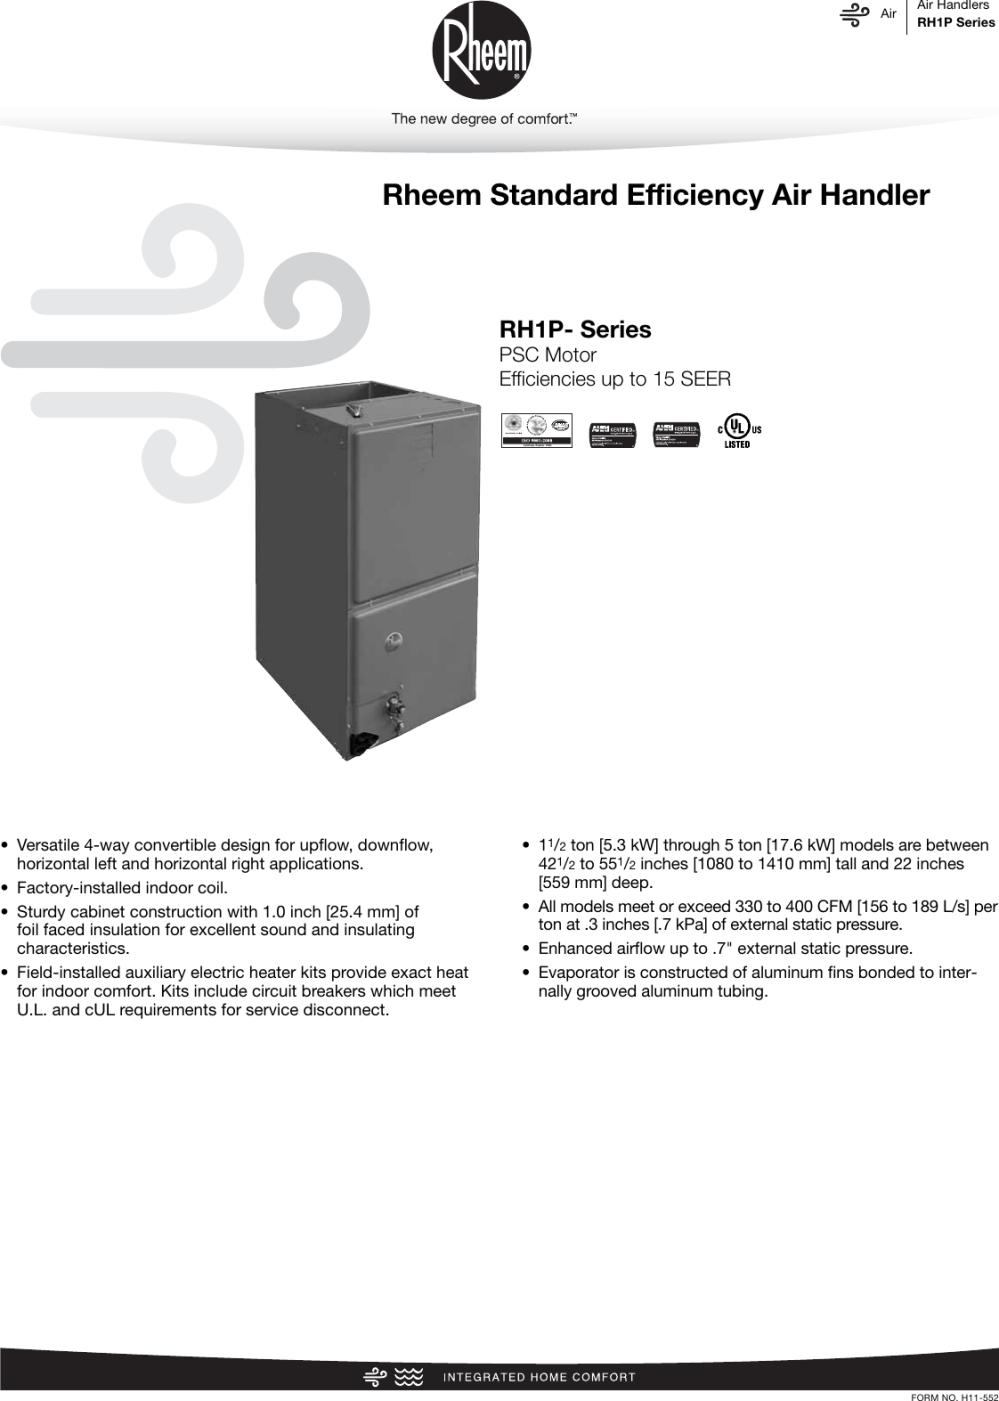 medium resolution of rheem standard efficiency up to 15 seer psc motor rh1p specification sheet